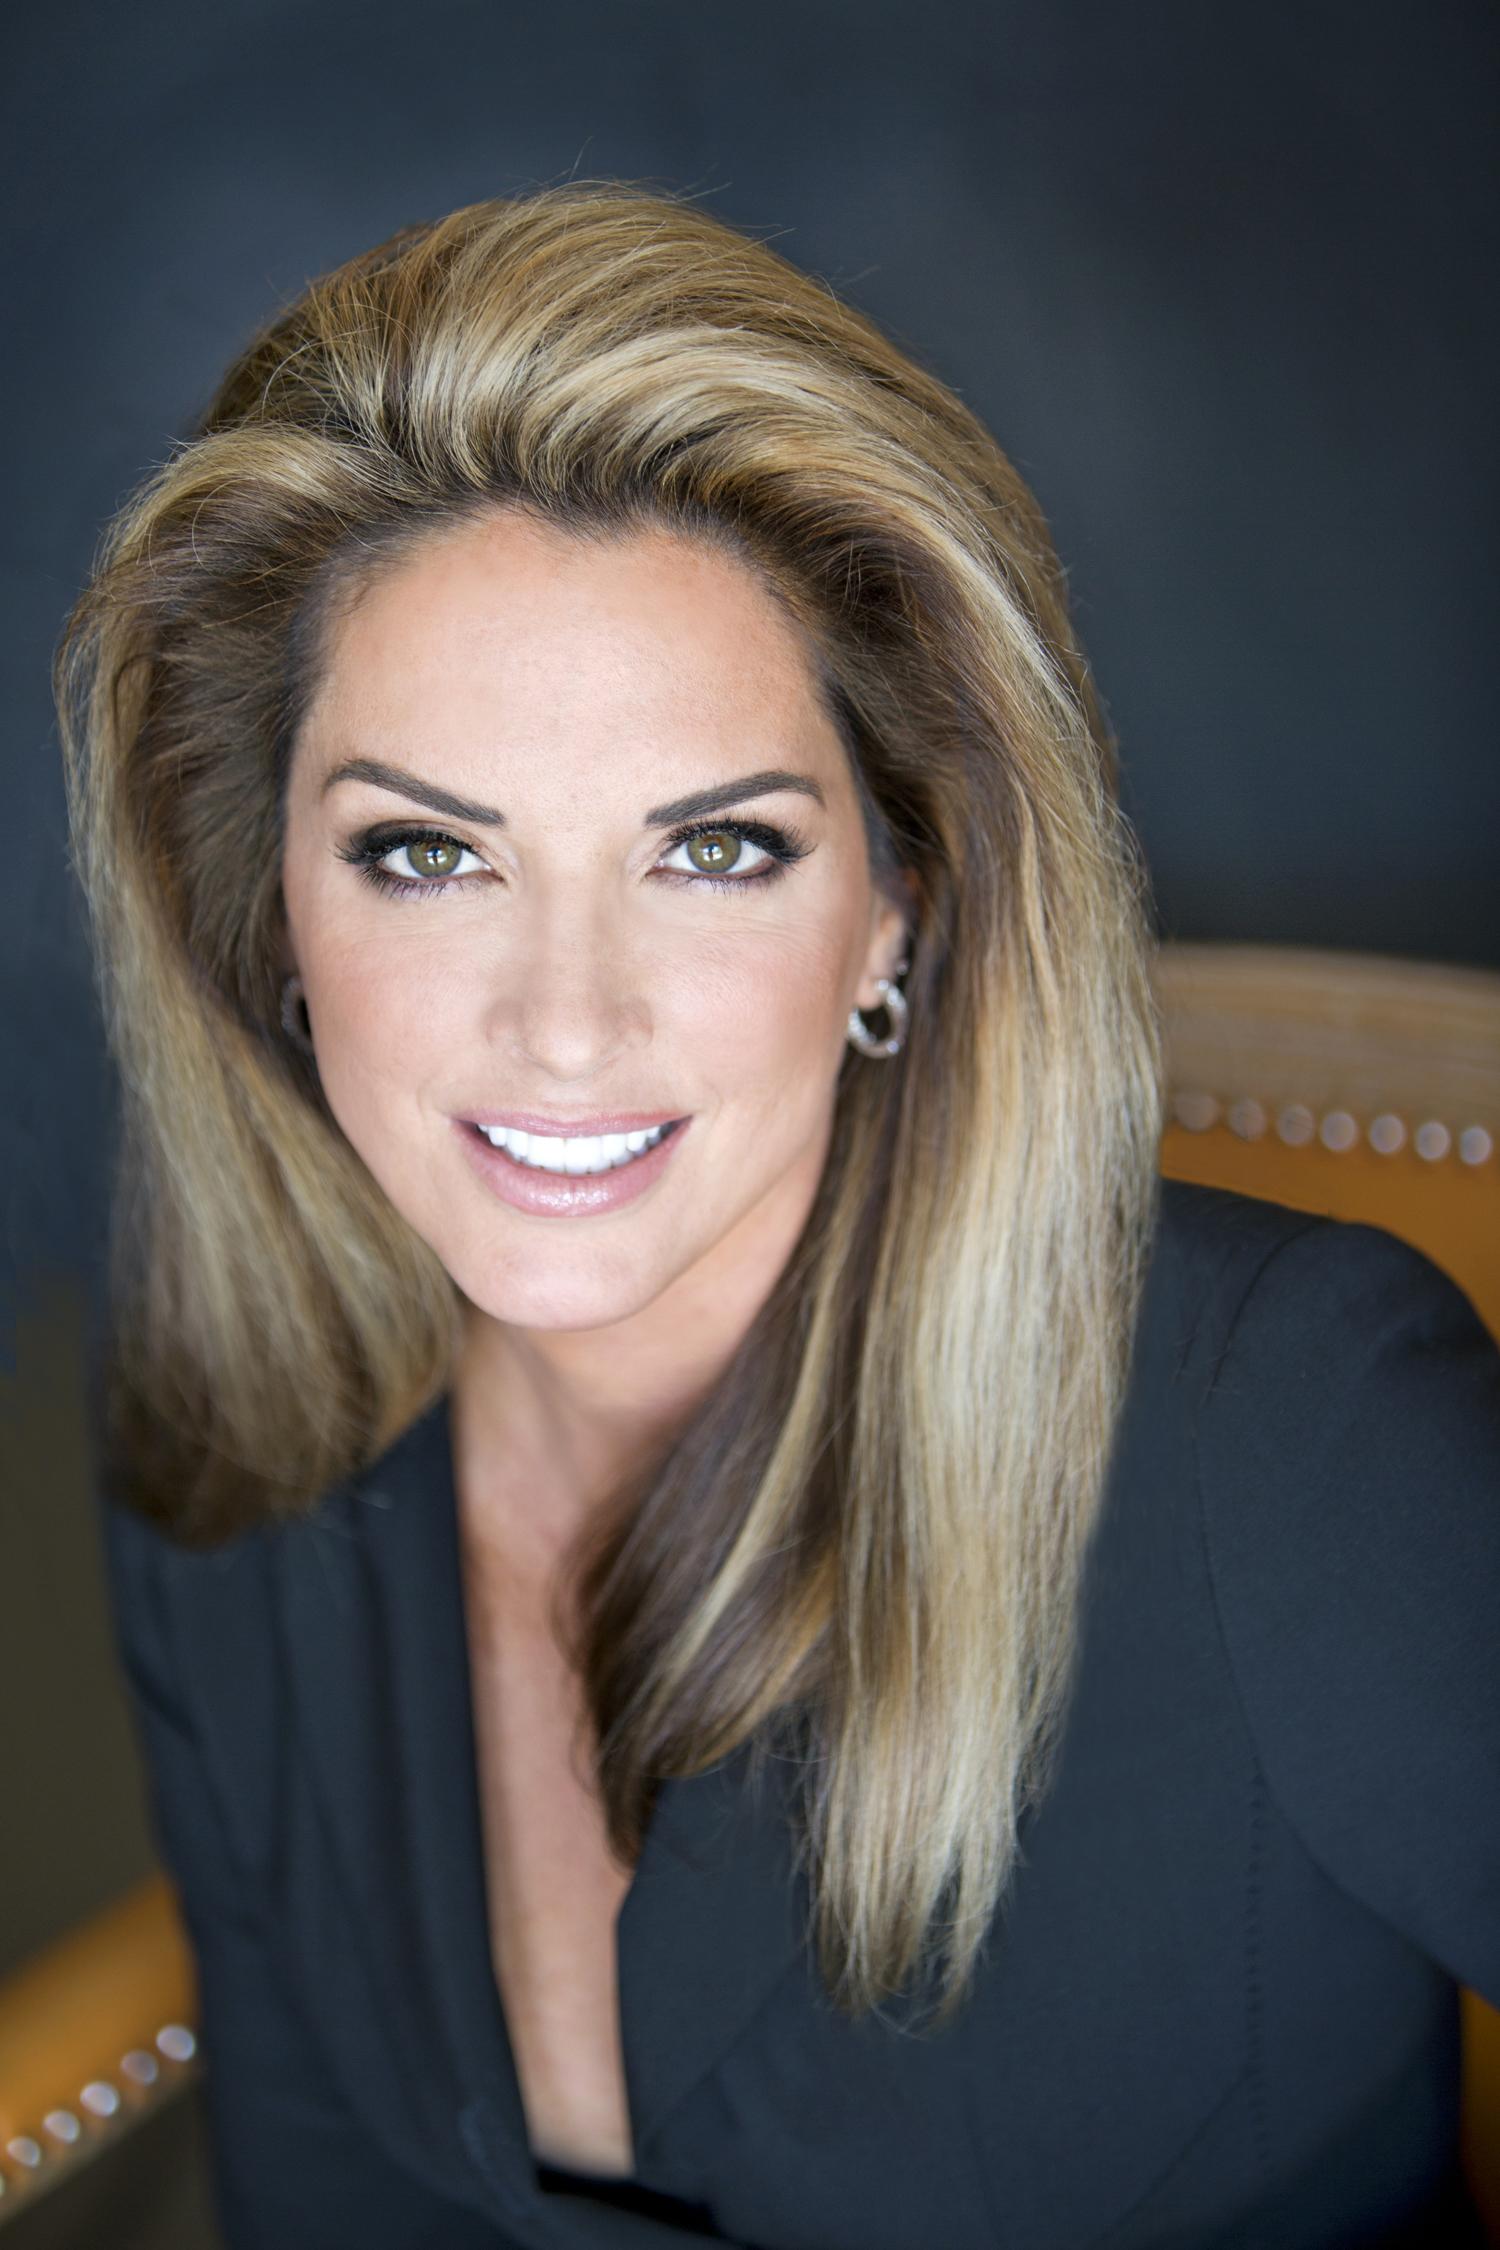 Jennifer Walden - Wikipedia